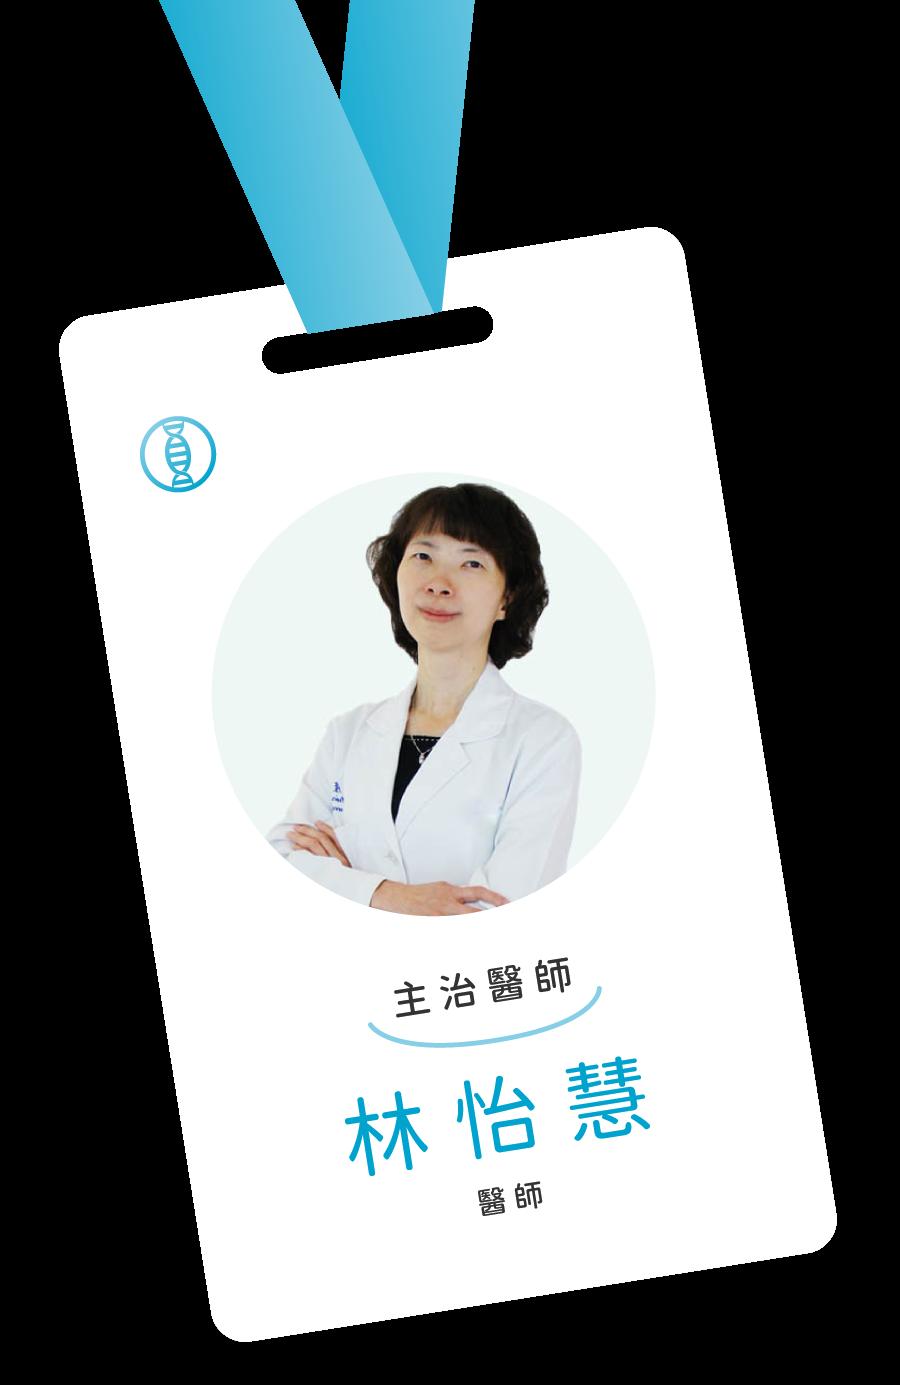 設計_關於繼承-idcard-02